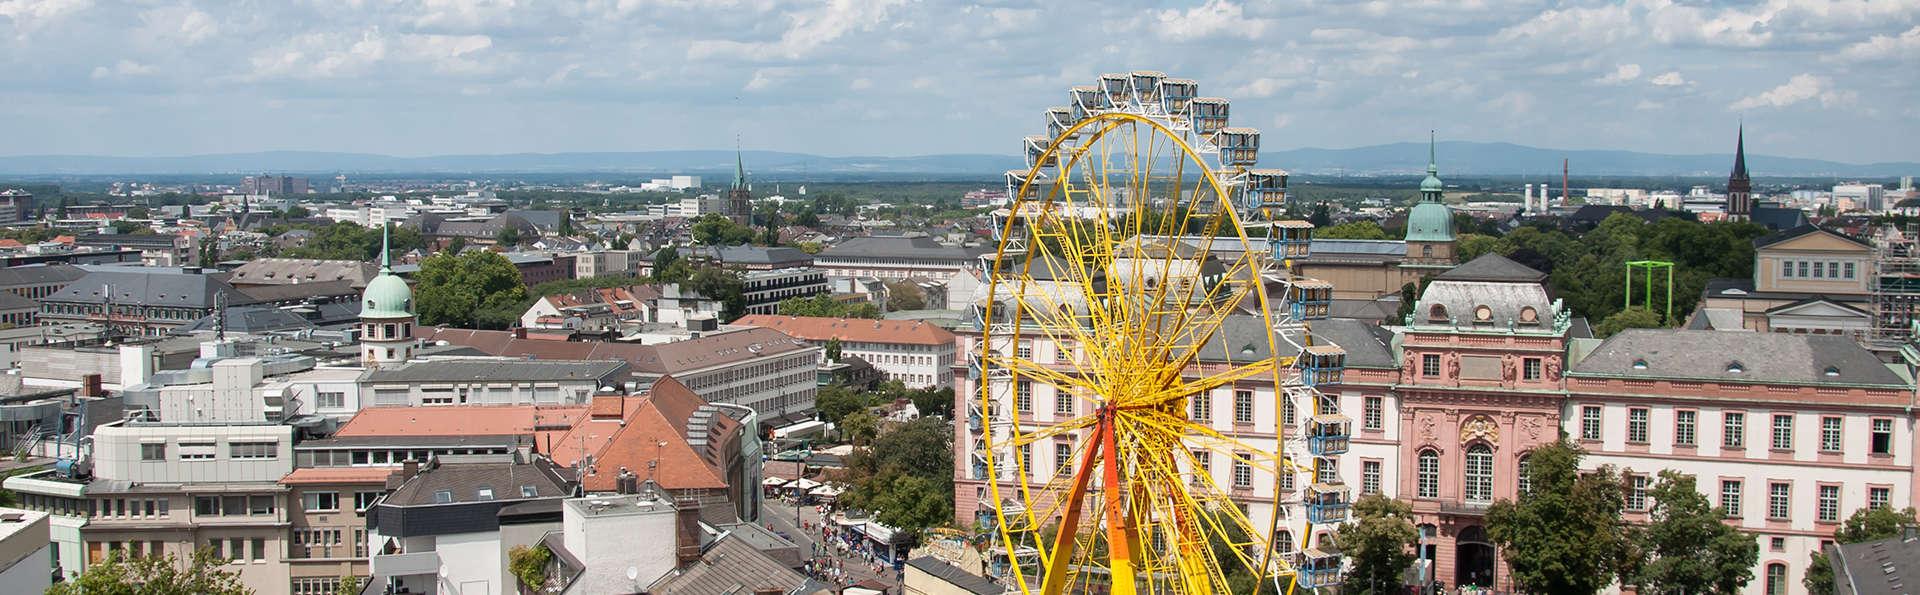 Plaisir romantique au cœur de Darmstadt